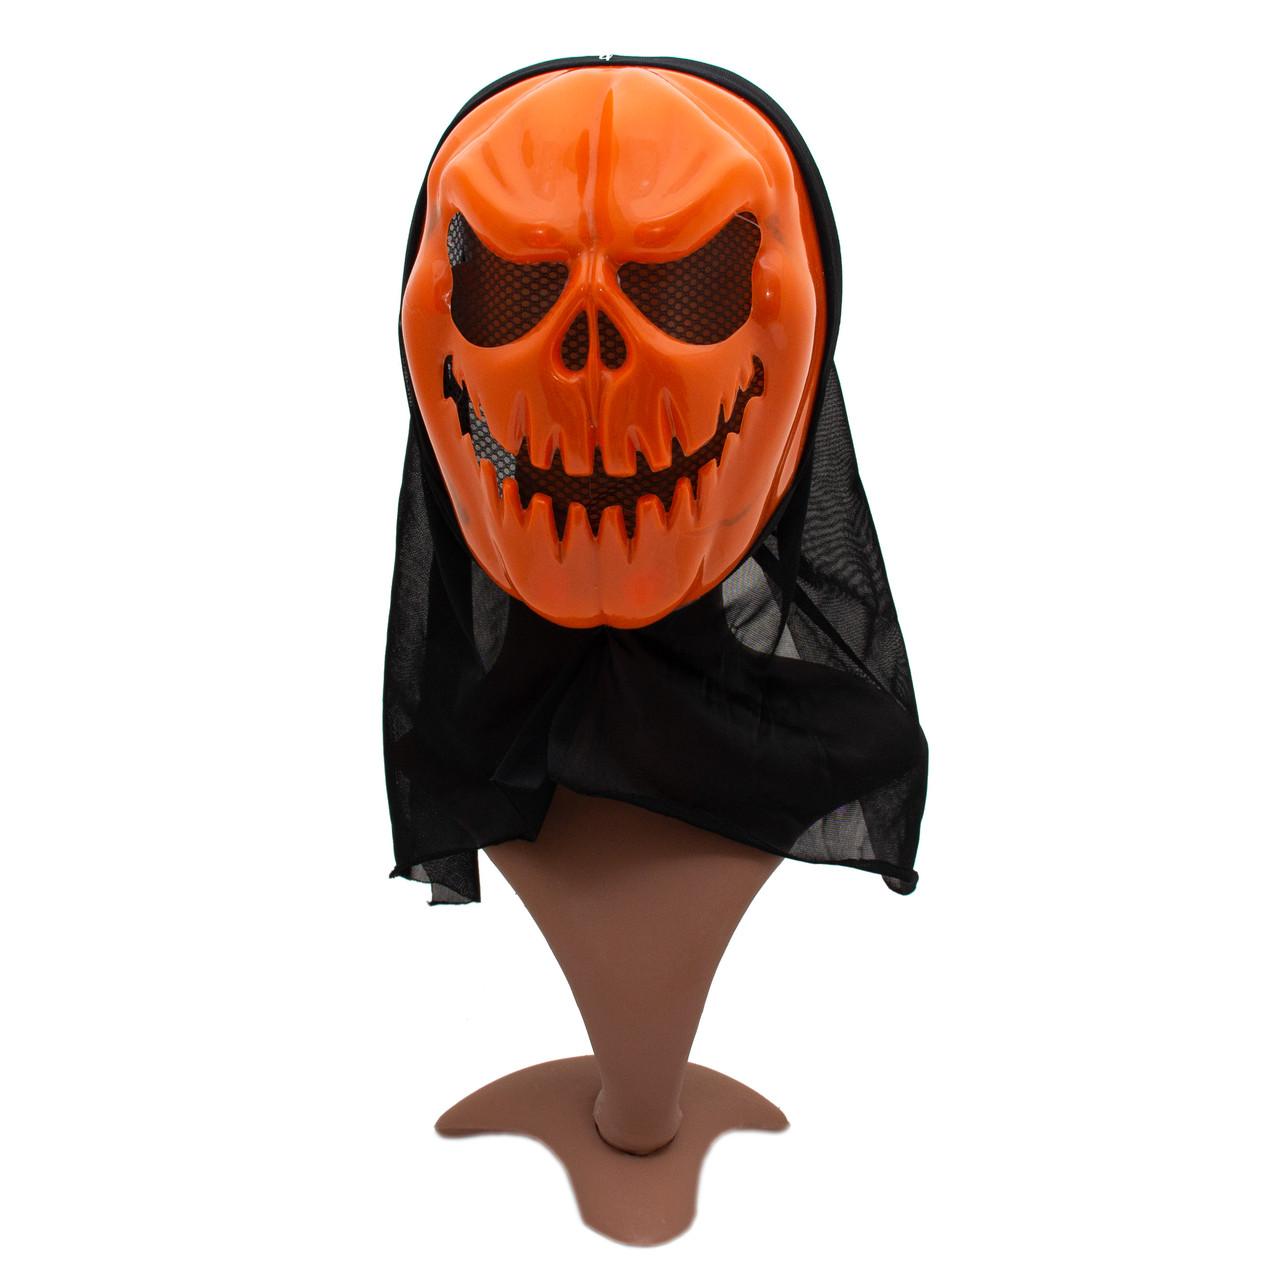 Карнавальна маска череп, 20*38 см, поліестер, помаранчевий (462537)